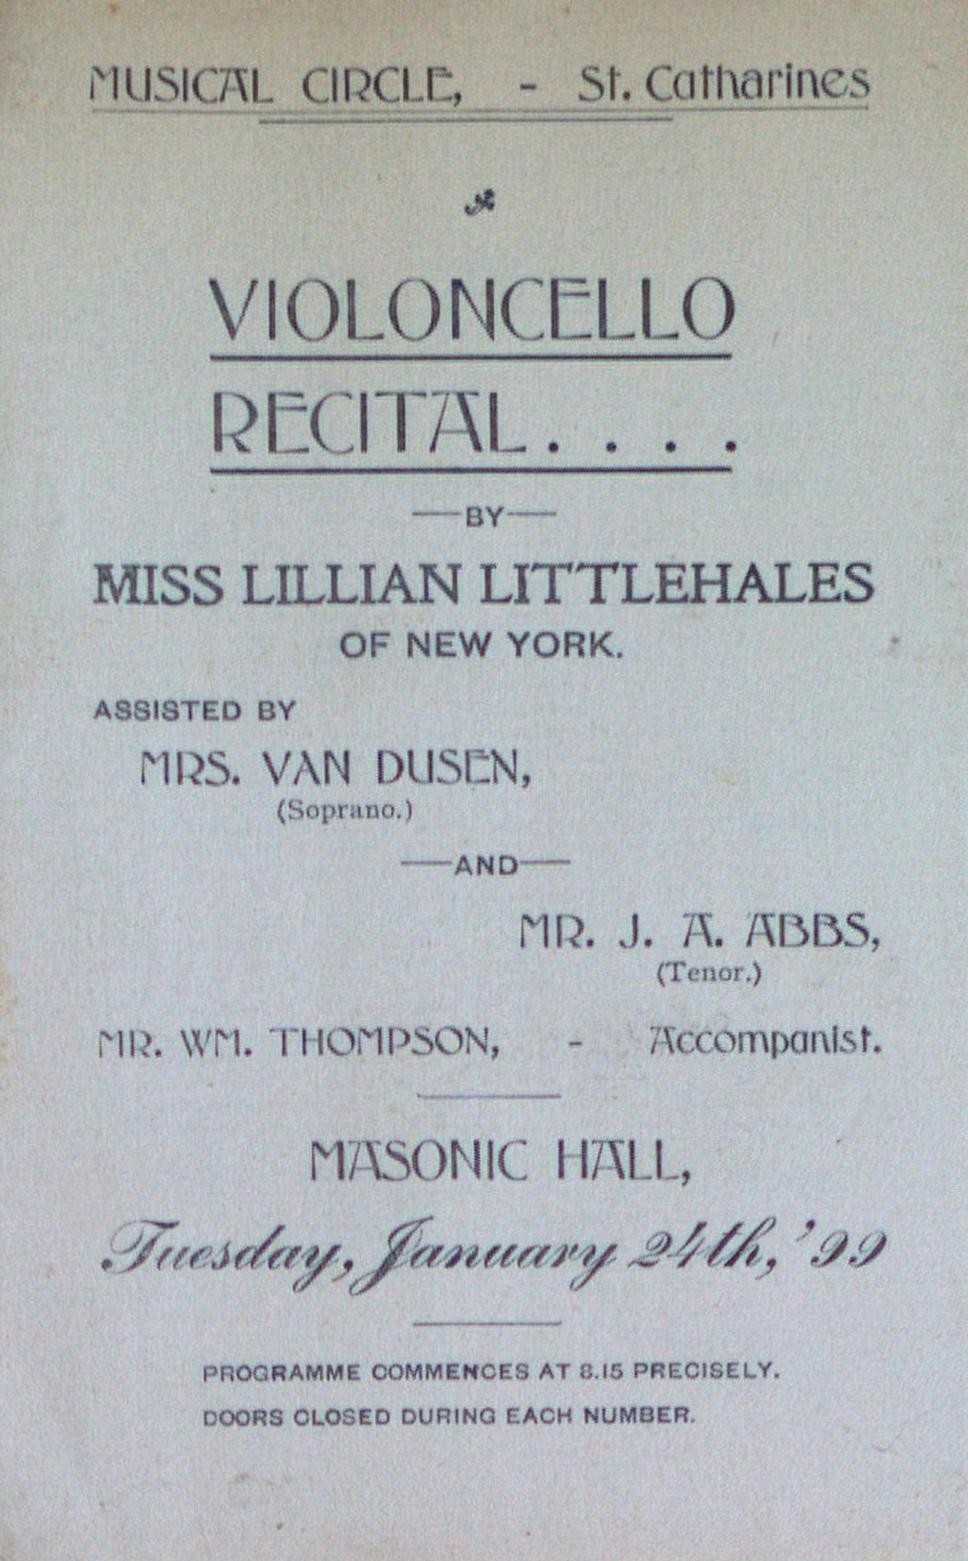 Teresa Vanderburgh's Musical Scrapbook #2 - Musical Circle Violoncello Recital